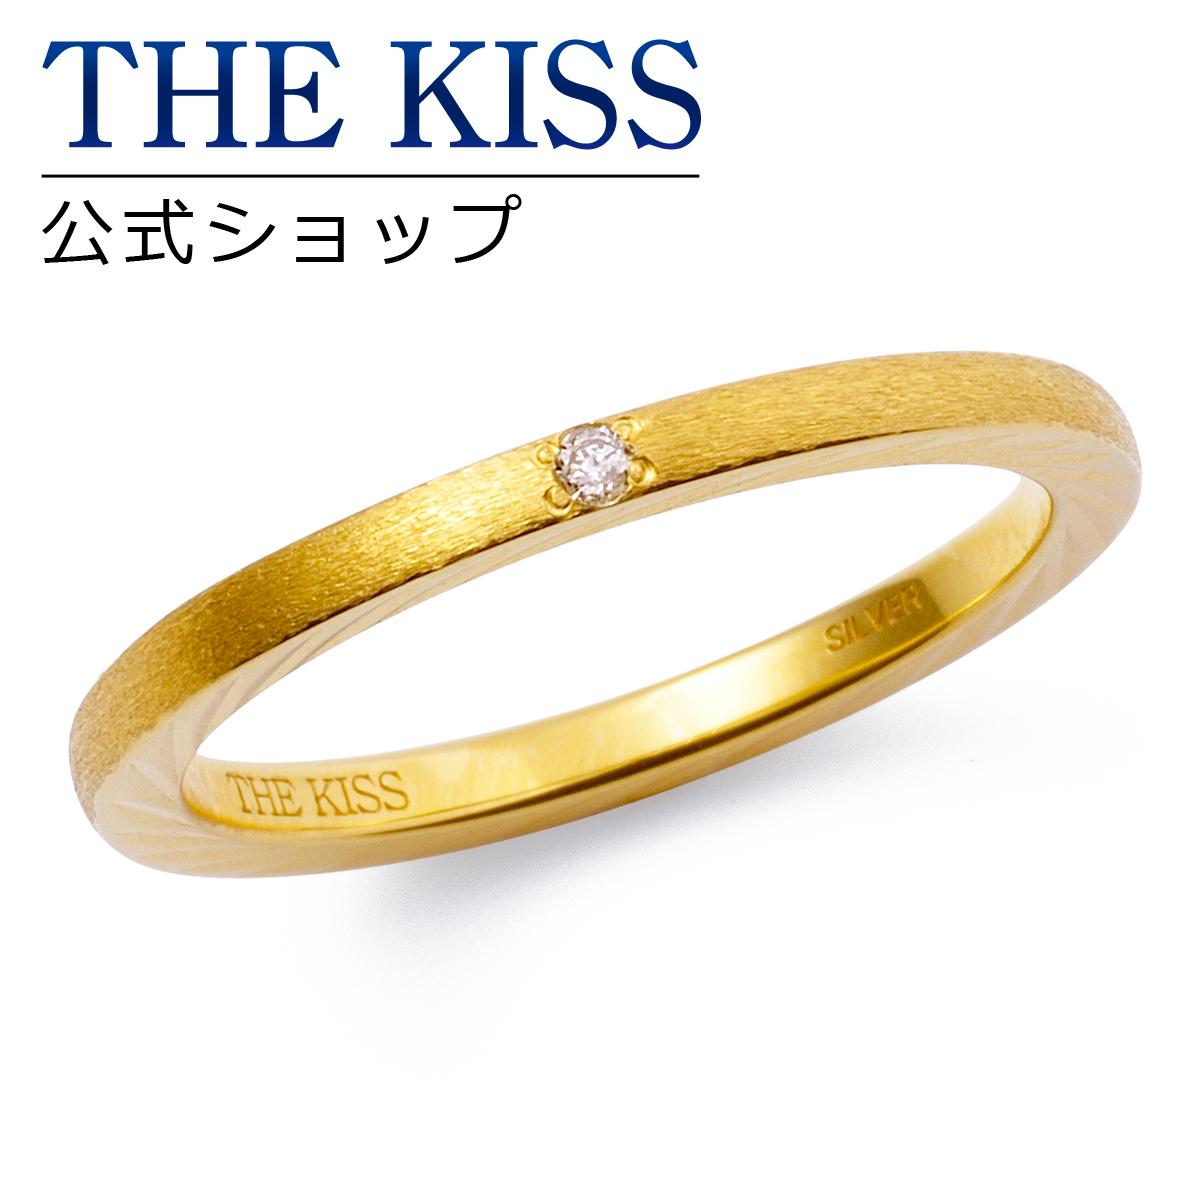 【あす楽対応】THE KISS 公式サイト シルバー ペアリング ( レディース 単品 ) ペアアクセサリー カップル に 人気 の ジュエリーブランド THEKISS ペア リング・指輪 記念日 プレゼント SR57DM ザキス 【送料無料】